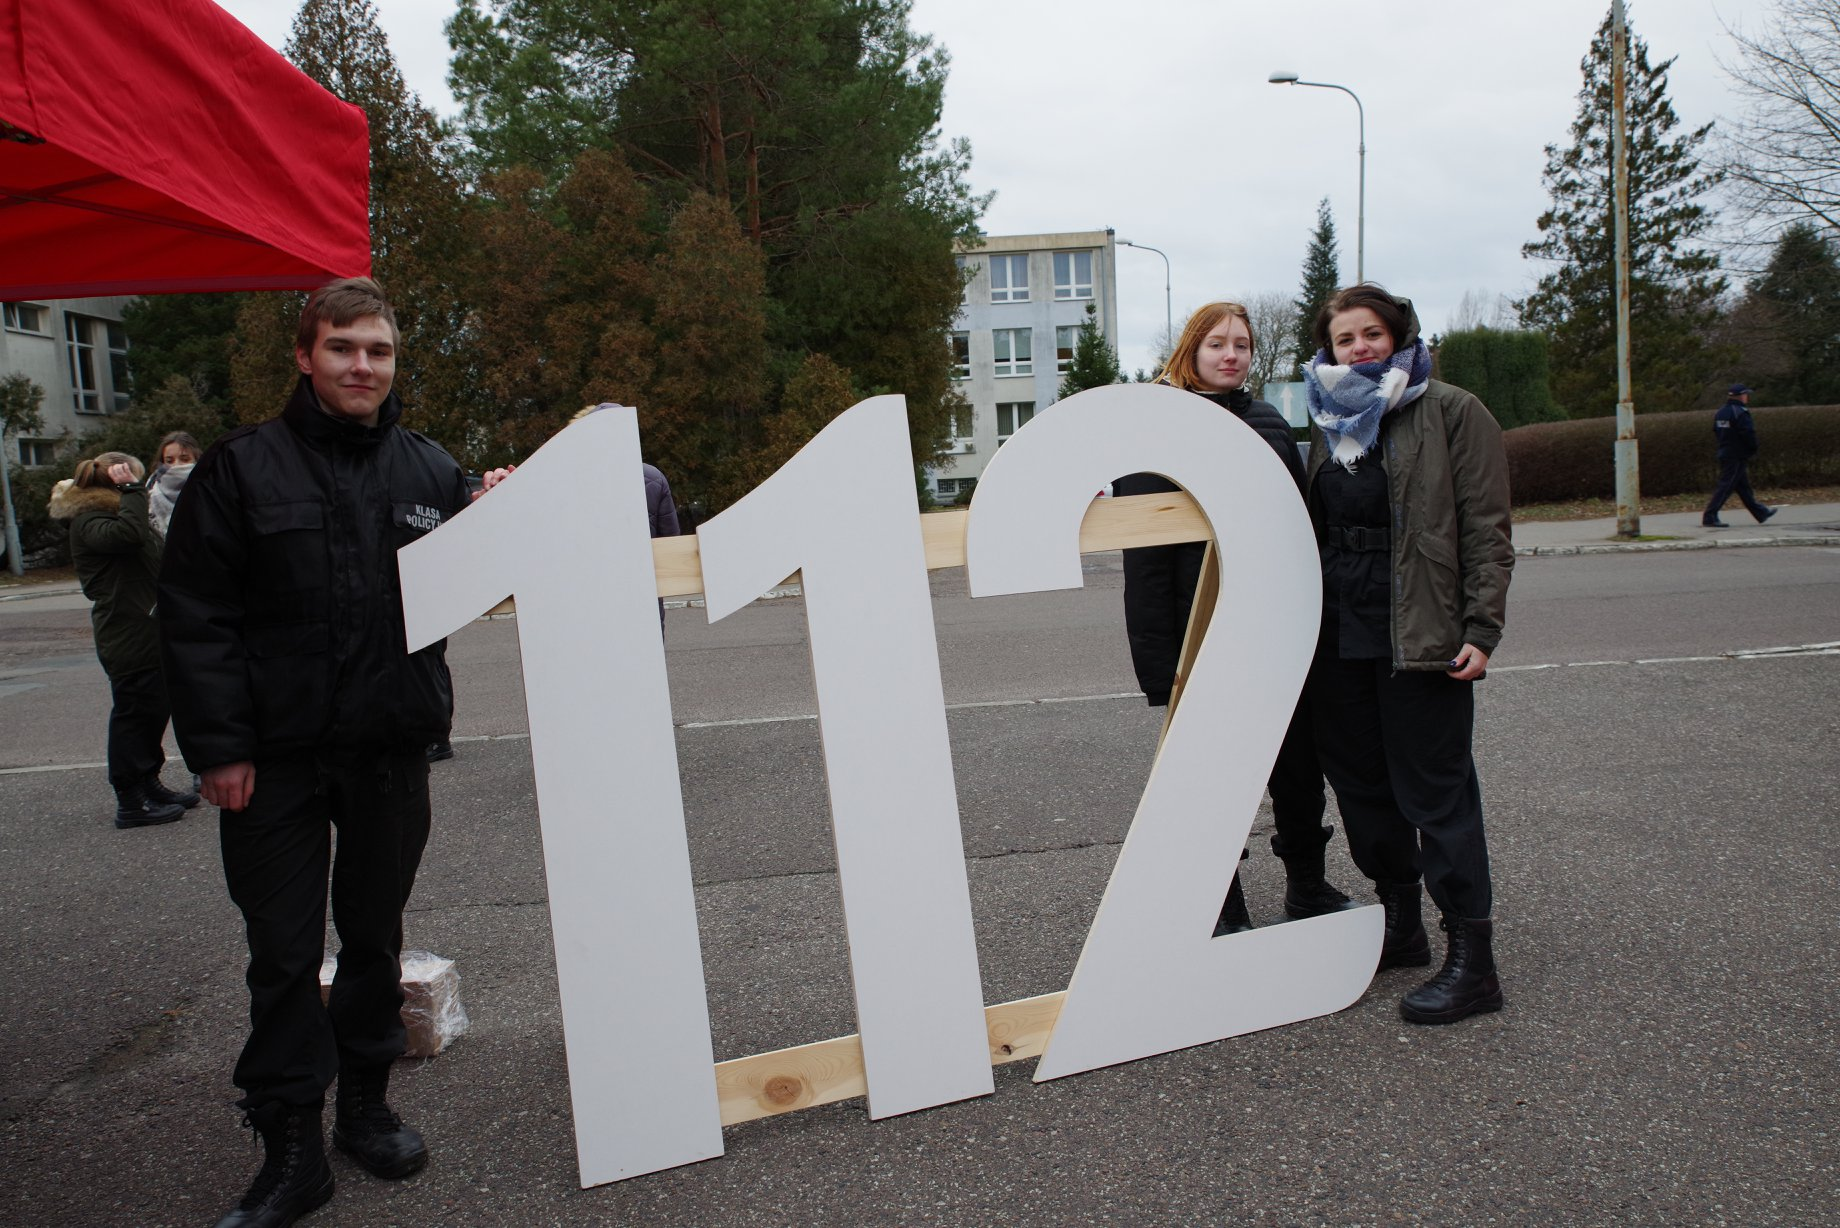 Europejski Dzien Numeru Alarmowego 112 swietowalismy wLodzi takjak.xx&oh=b6a7cf6d43e9dfa70312907ccd7ff0d3&oe=5EA0EA2D - Europejski Dzień Numeru Alarmowego 112 świętowaliśmy wŁodzi tak, jak najbardzie...